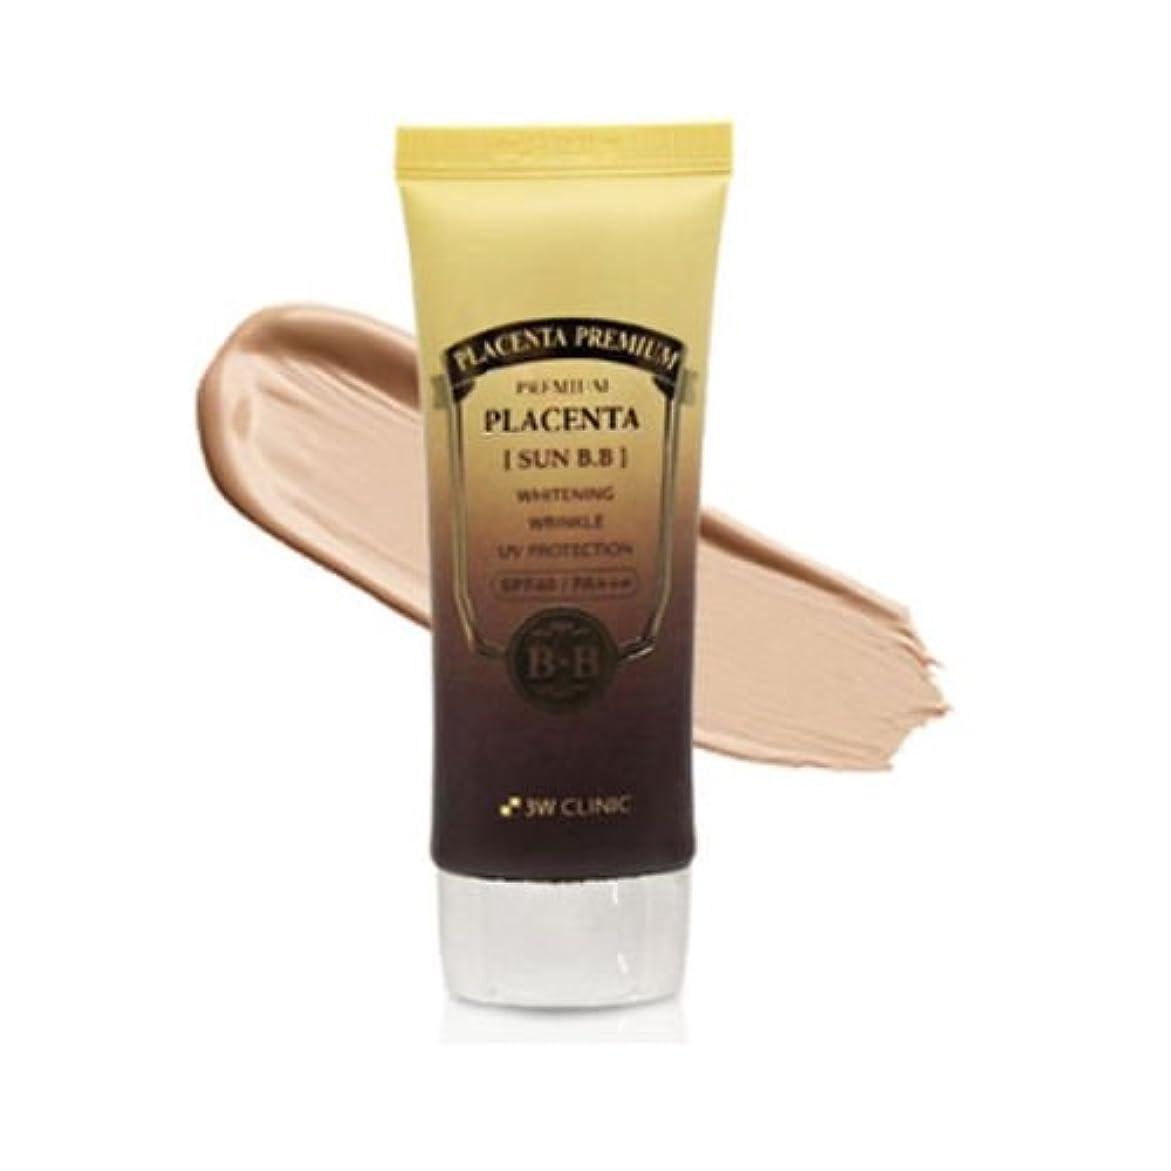 上回るなんでも建築3Wクリニック[韓国コスメ3w Clinic]Premium Placenta Sun BB Cream プレミアムプラセンタサンBBクリーム70ml SPF40 PA+++ UV しわ管理[並行輸入品]